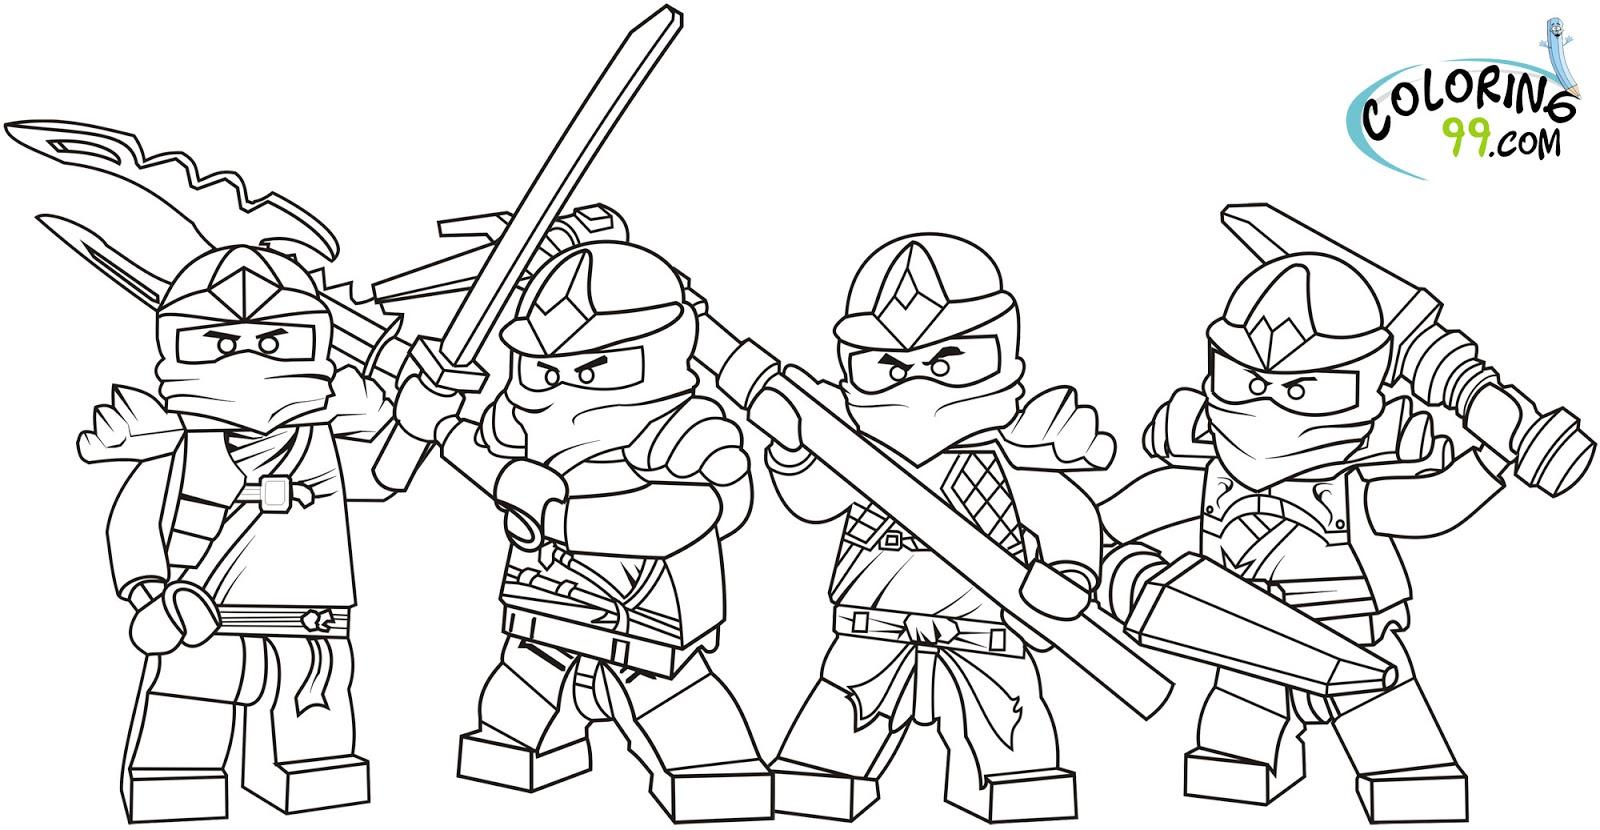 93 dessins de coloriage lego à imprimer sur LaGuerche.com - Page 6